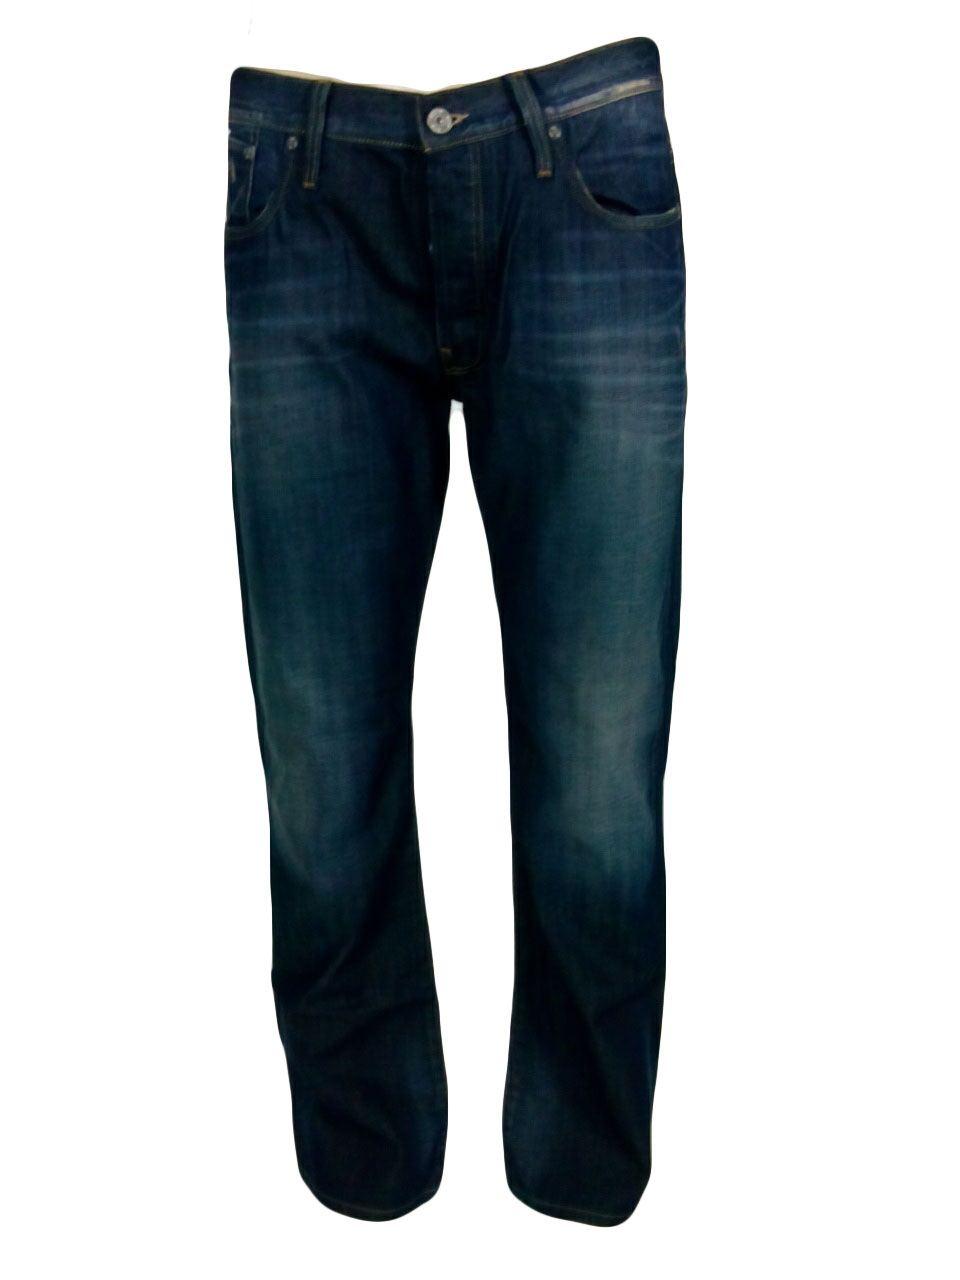 g star men 39 s 3301 loose fit denim jeans many colors. Black Bedroom Furniture Sets. Home Design Ideas